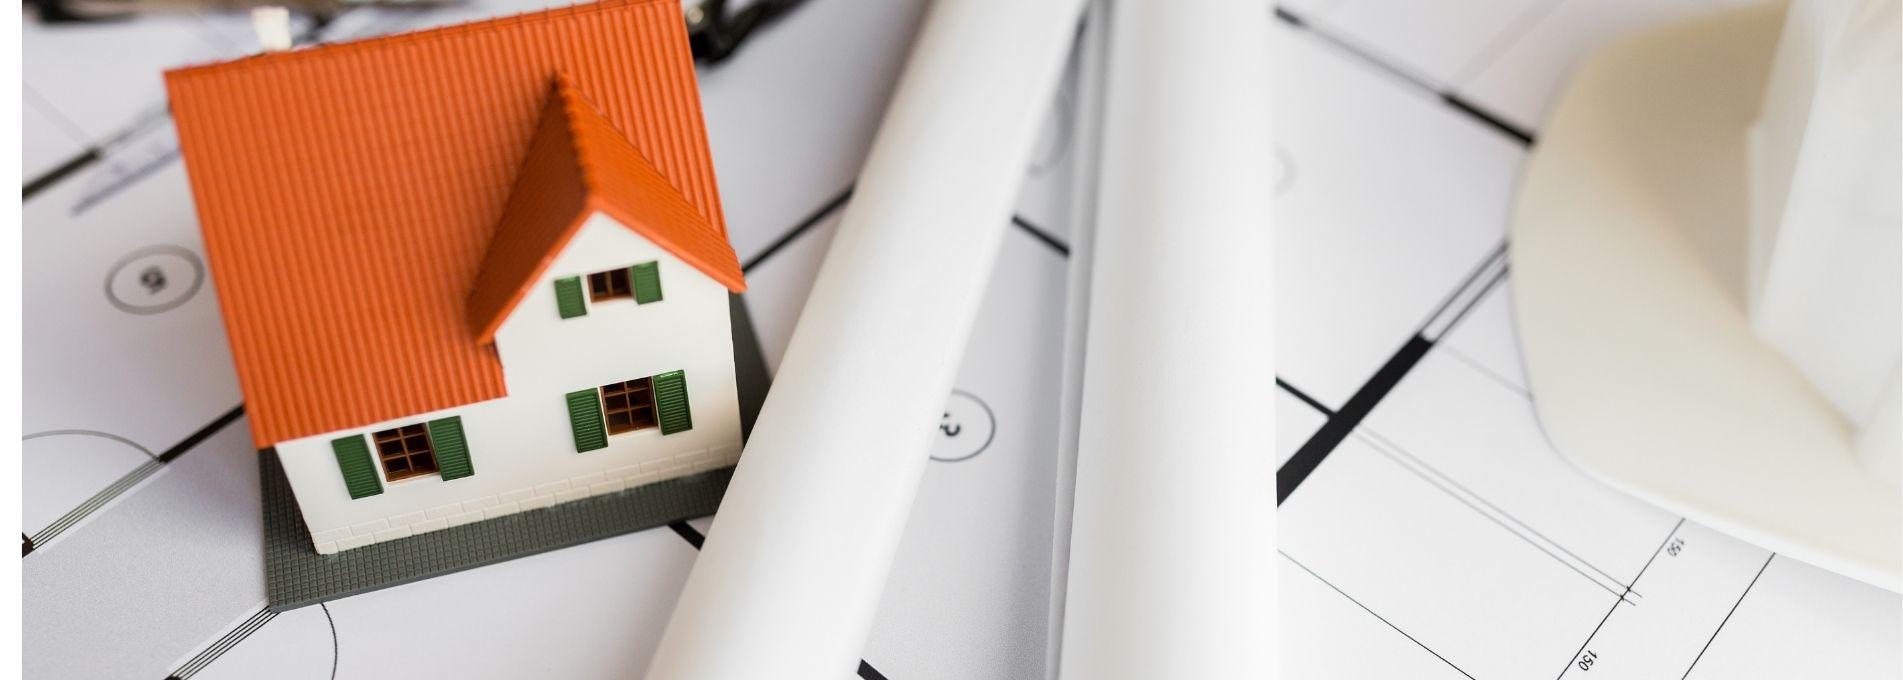 Immobilier patrimonial : les investisseurs veulent de la stabilité